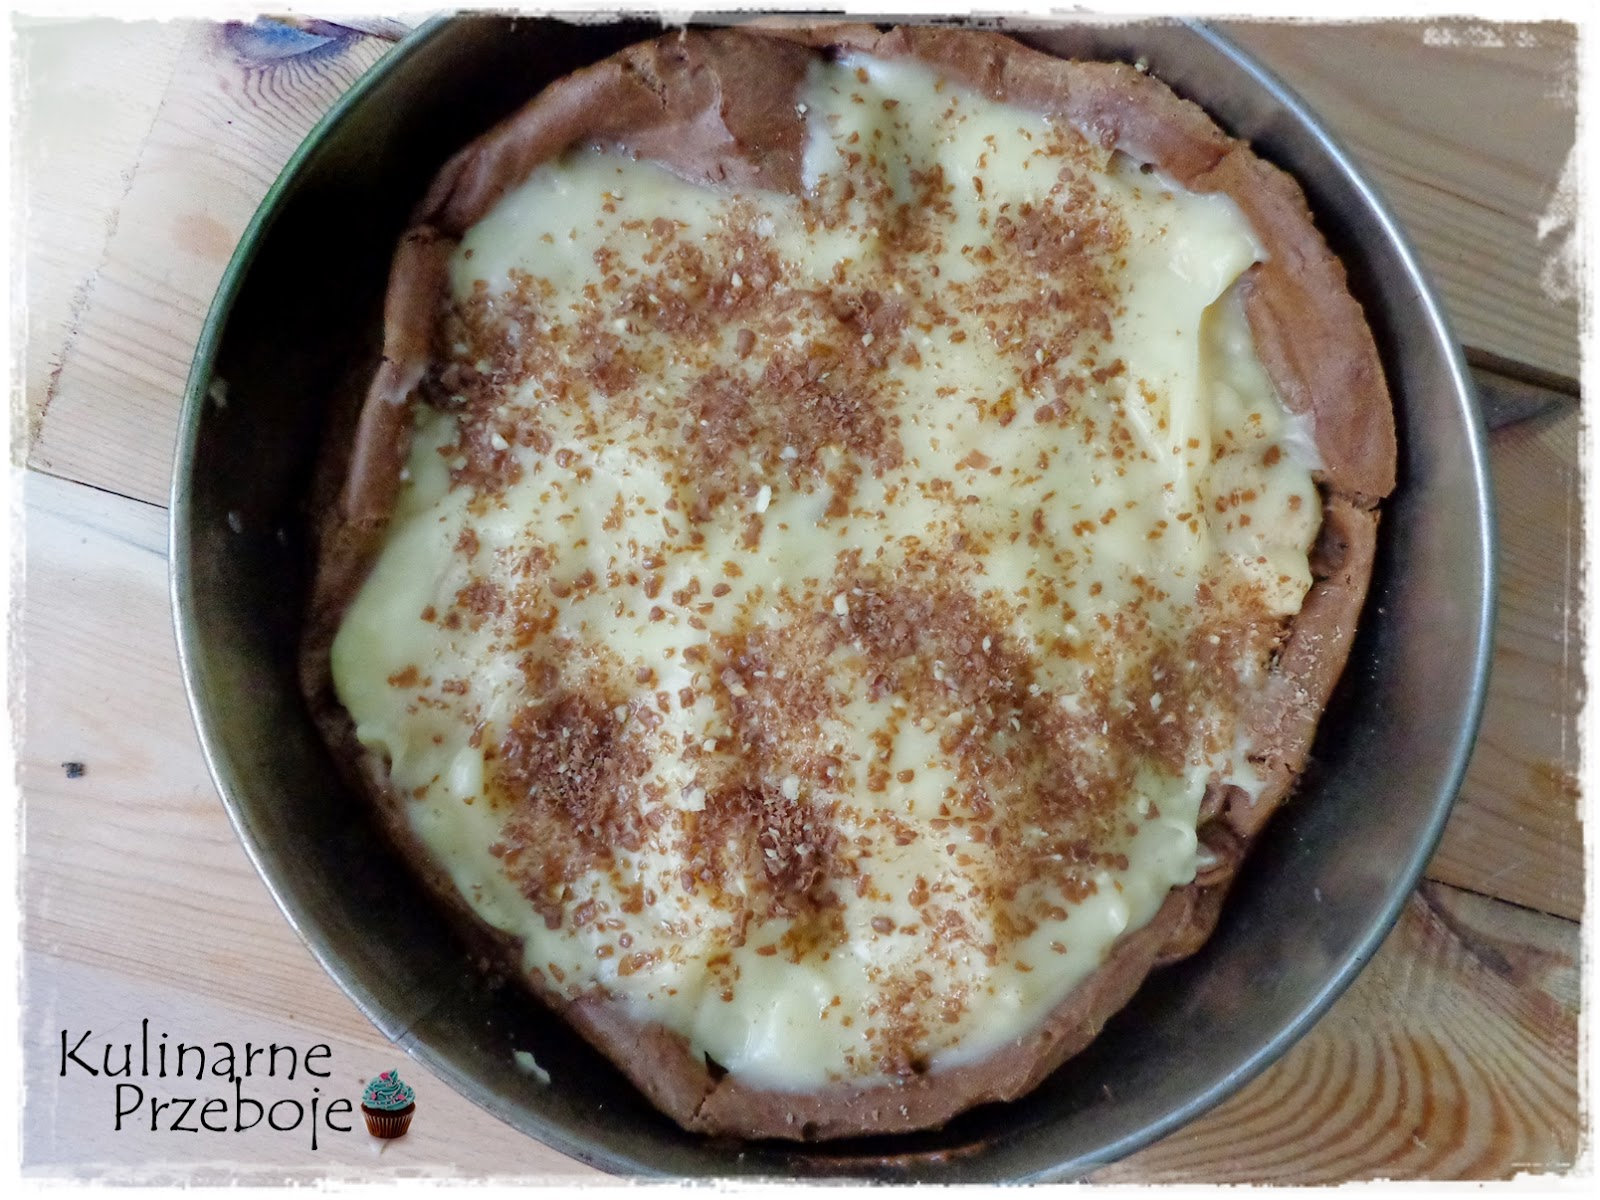 Karpatka czekoladowa z kremem waniliowym